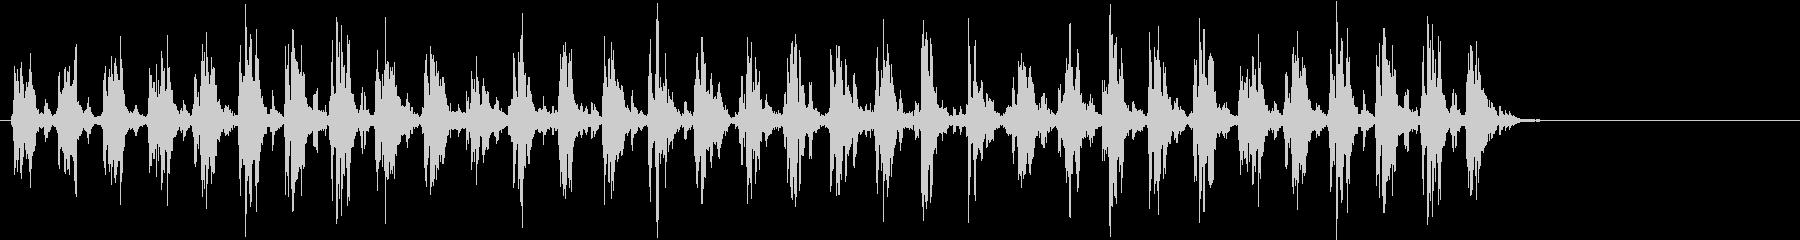 Xmasに最適トナカイベルのループ音05の未再生の波形